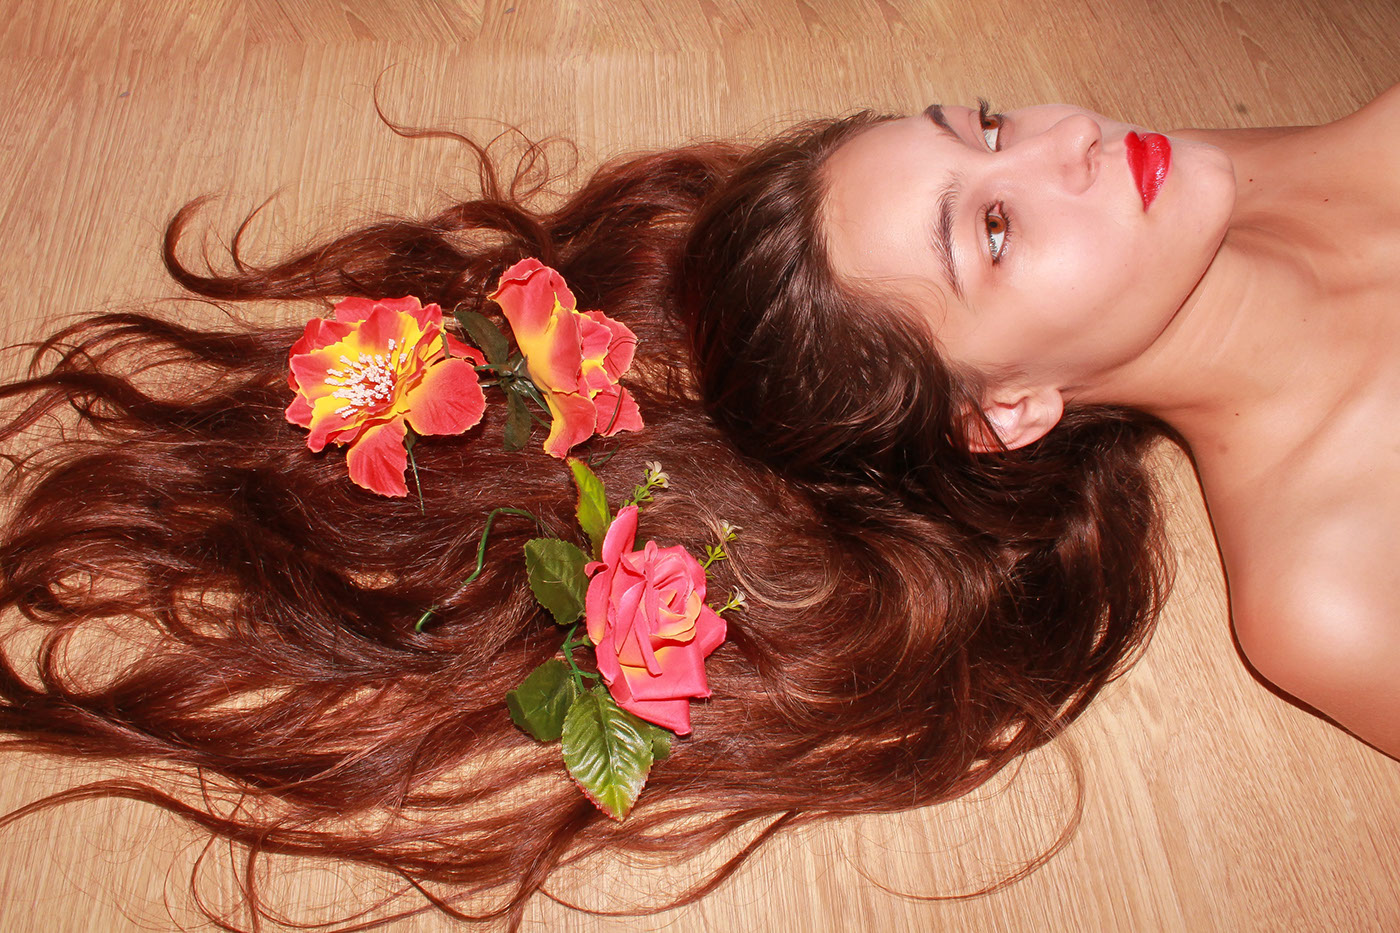 Обнаженная девушка в ракушках/ фото Yasmin Nadler